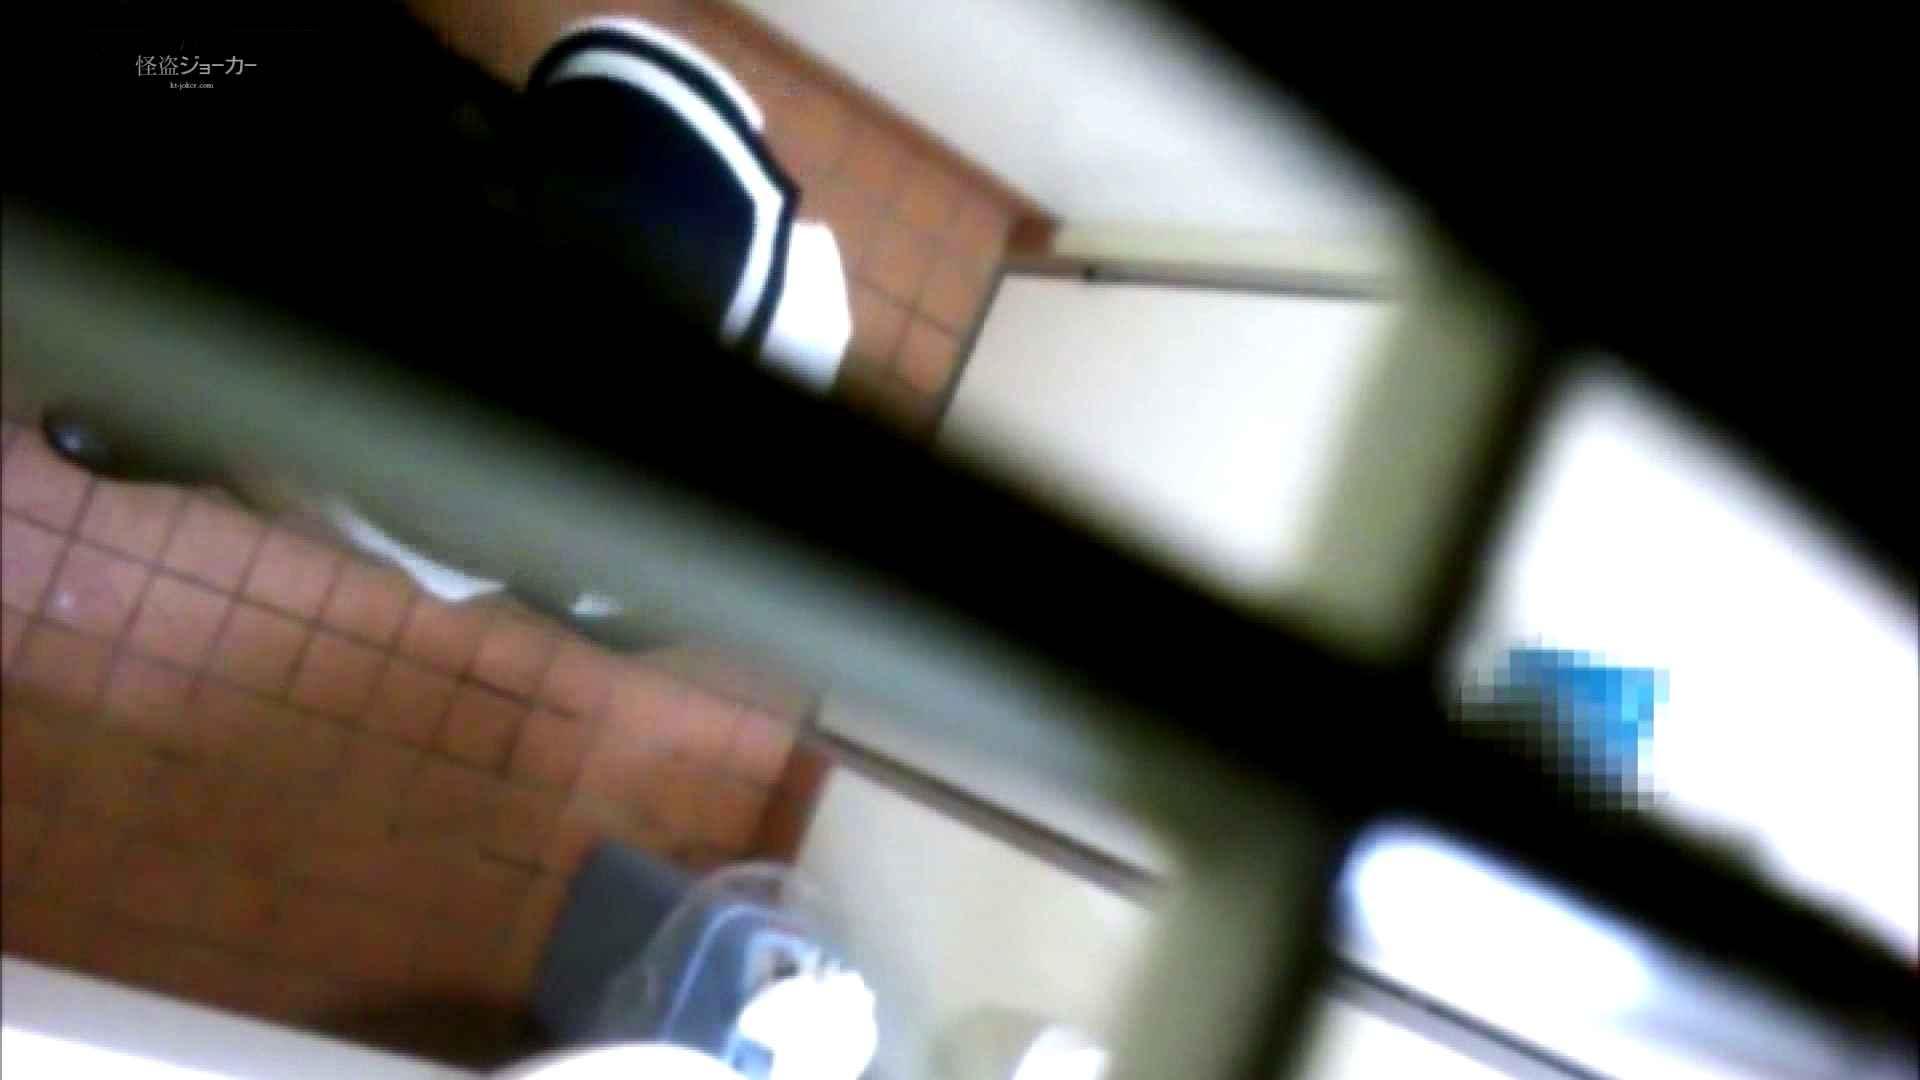 店長代理の盗撮録 Vol.02 制服ばかりをあつめてみました。その2 OLの実態 盗撮エロ画像 47pic 42